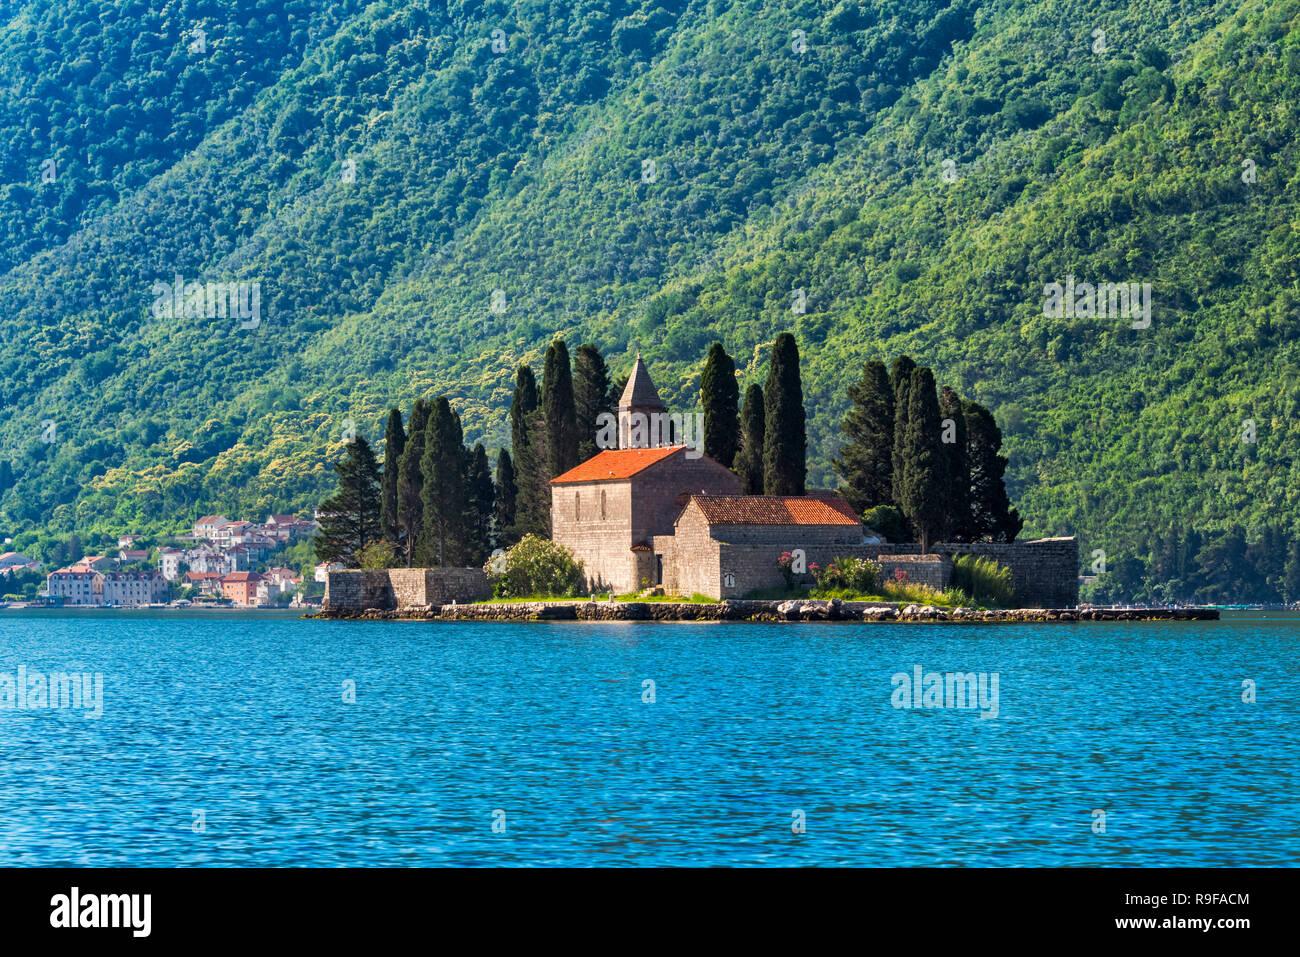 Saint George Island contenant Saint George monastère bénédictin et vieux cimetière, Perast, Monténégro Photo Stock